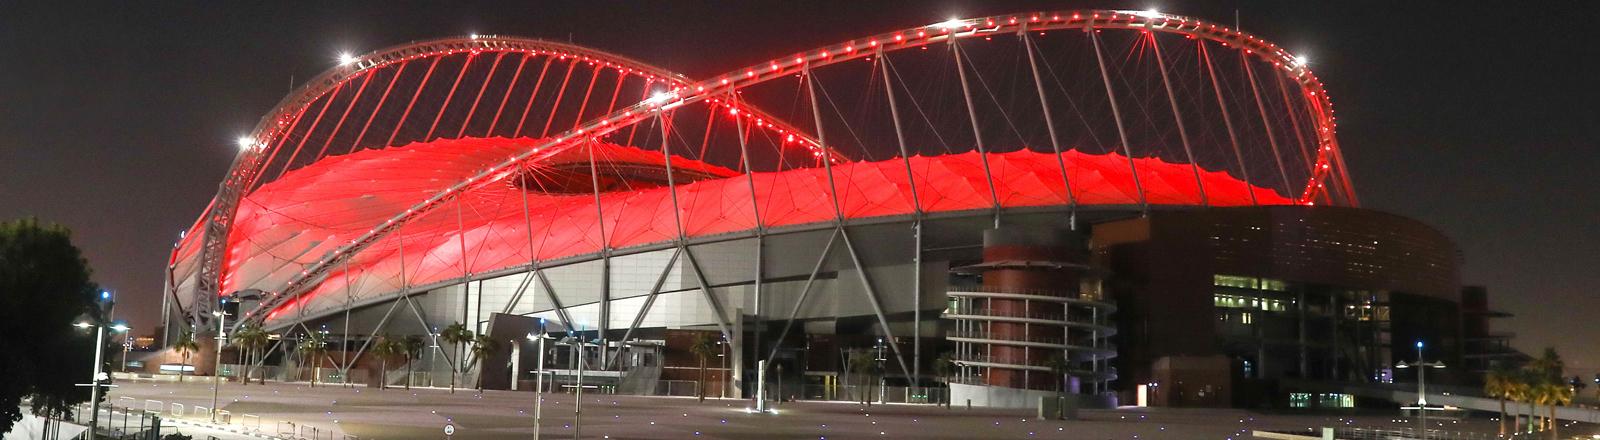 Das Fußballstadion in Doha